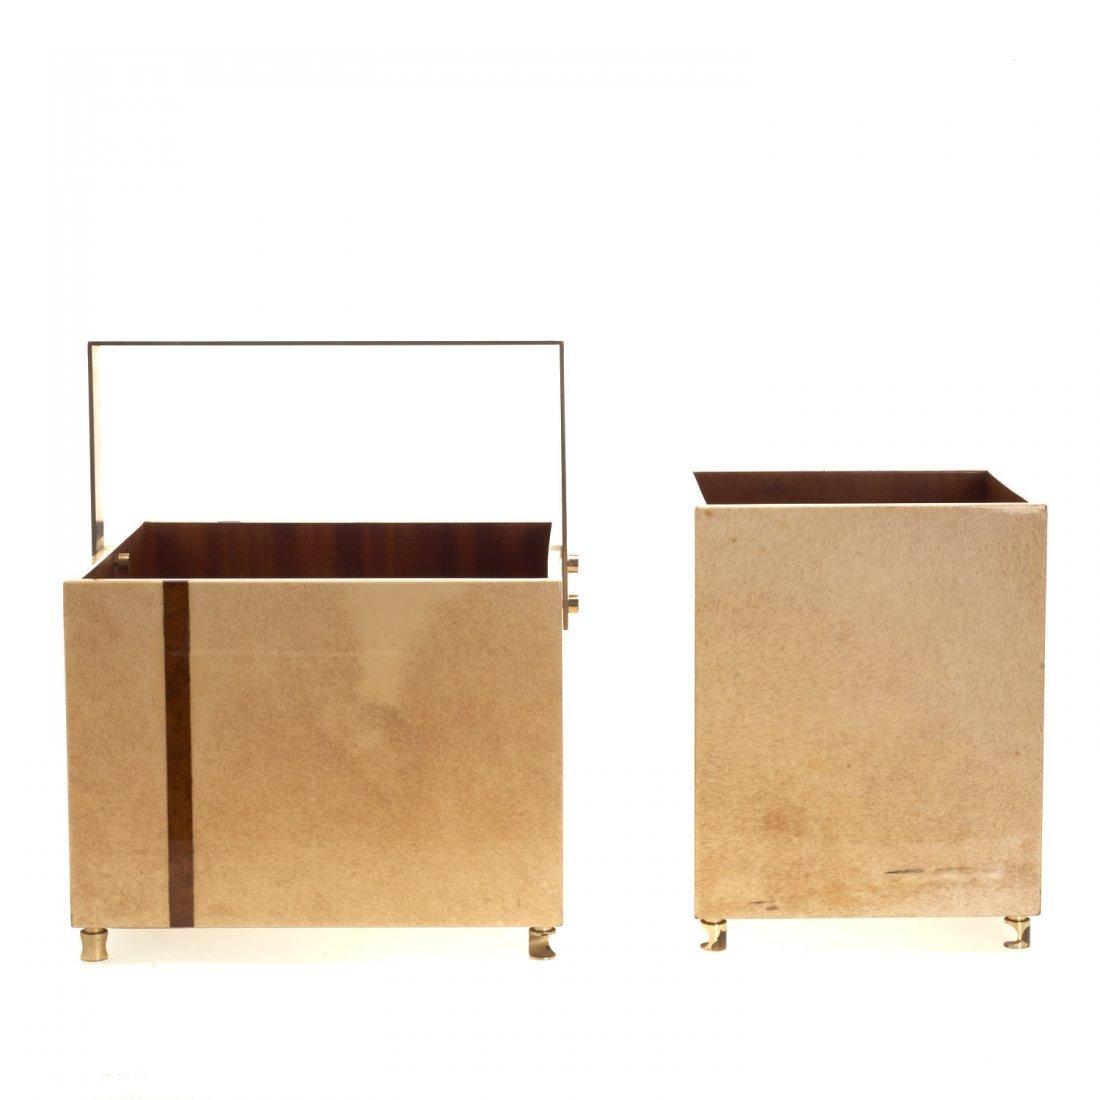 (2) Aldo Tura parchment baskets - 6